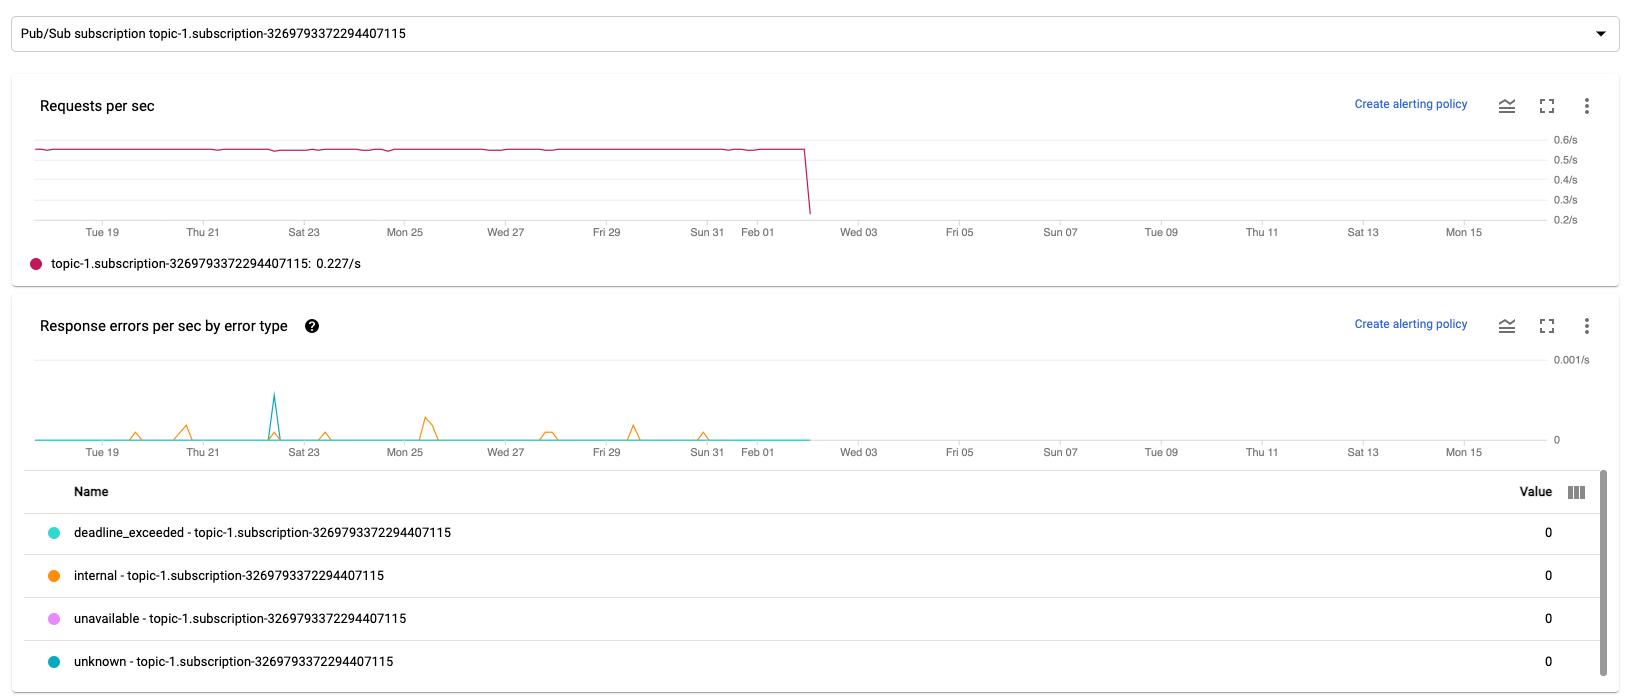 Una serie de gráficos que muestran métricas de entrada y salida para un trabajo de transmisión de Dataflow.